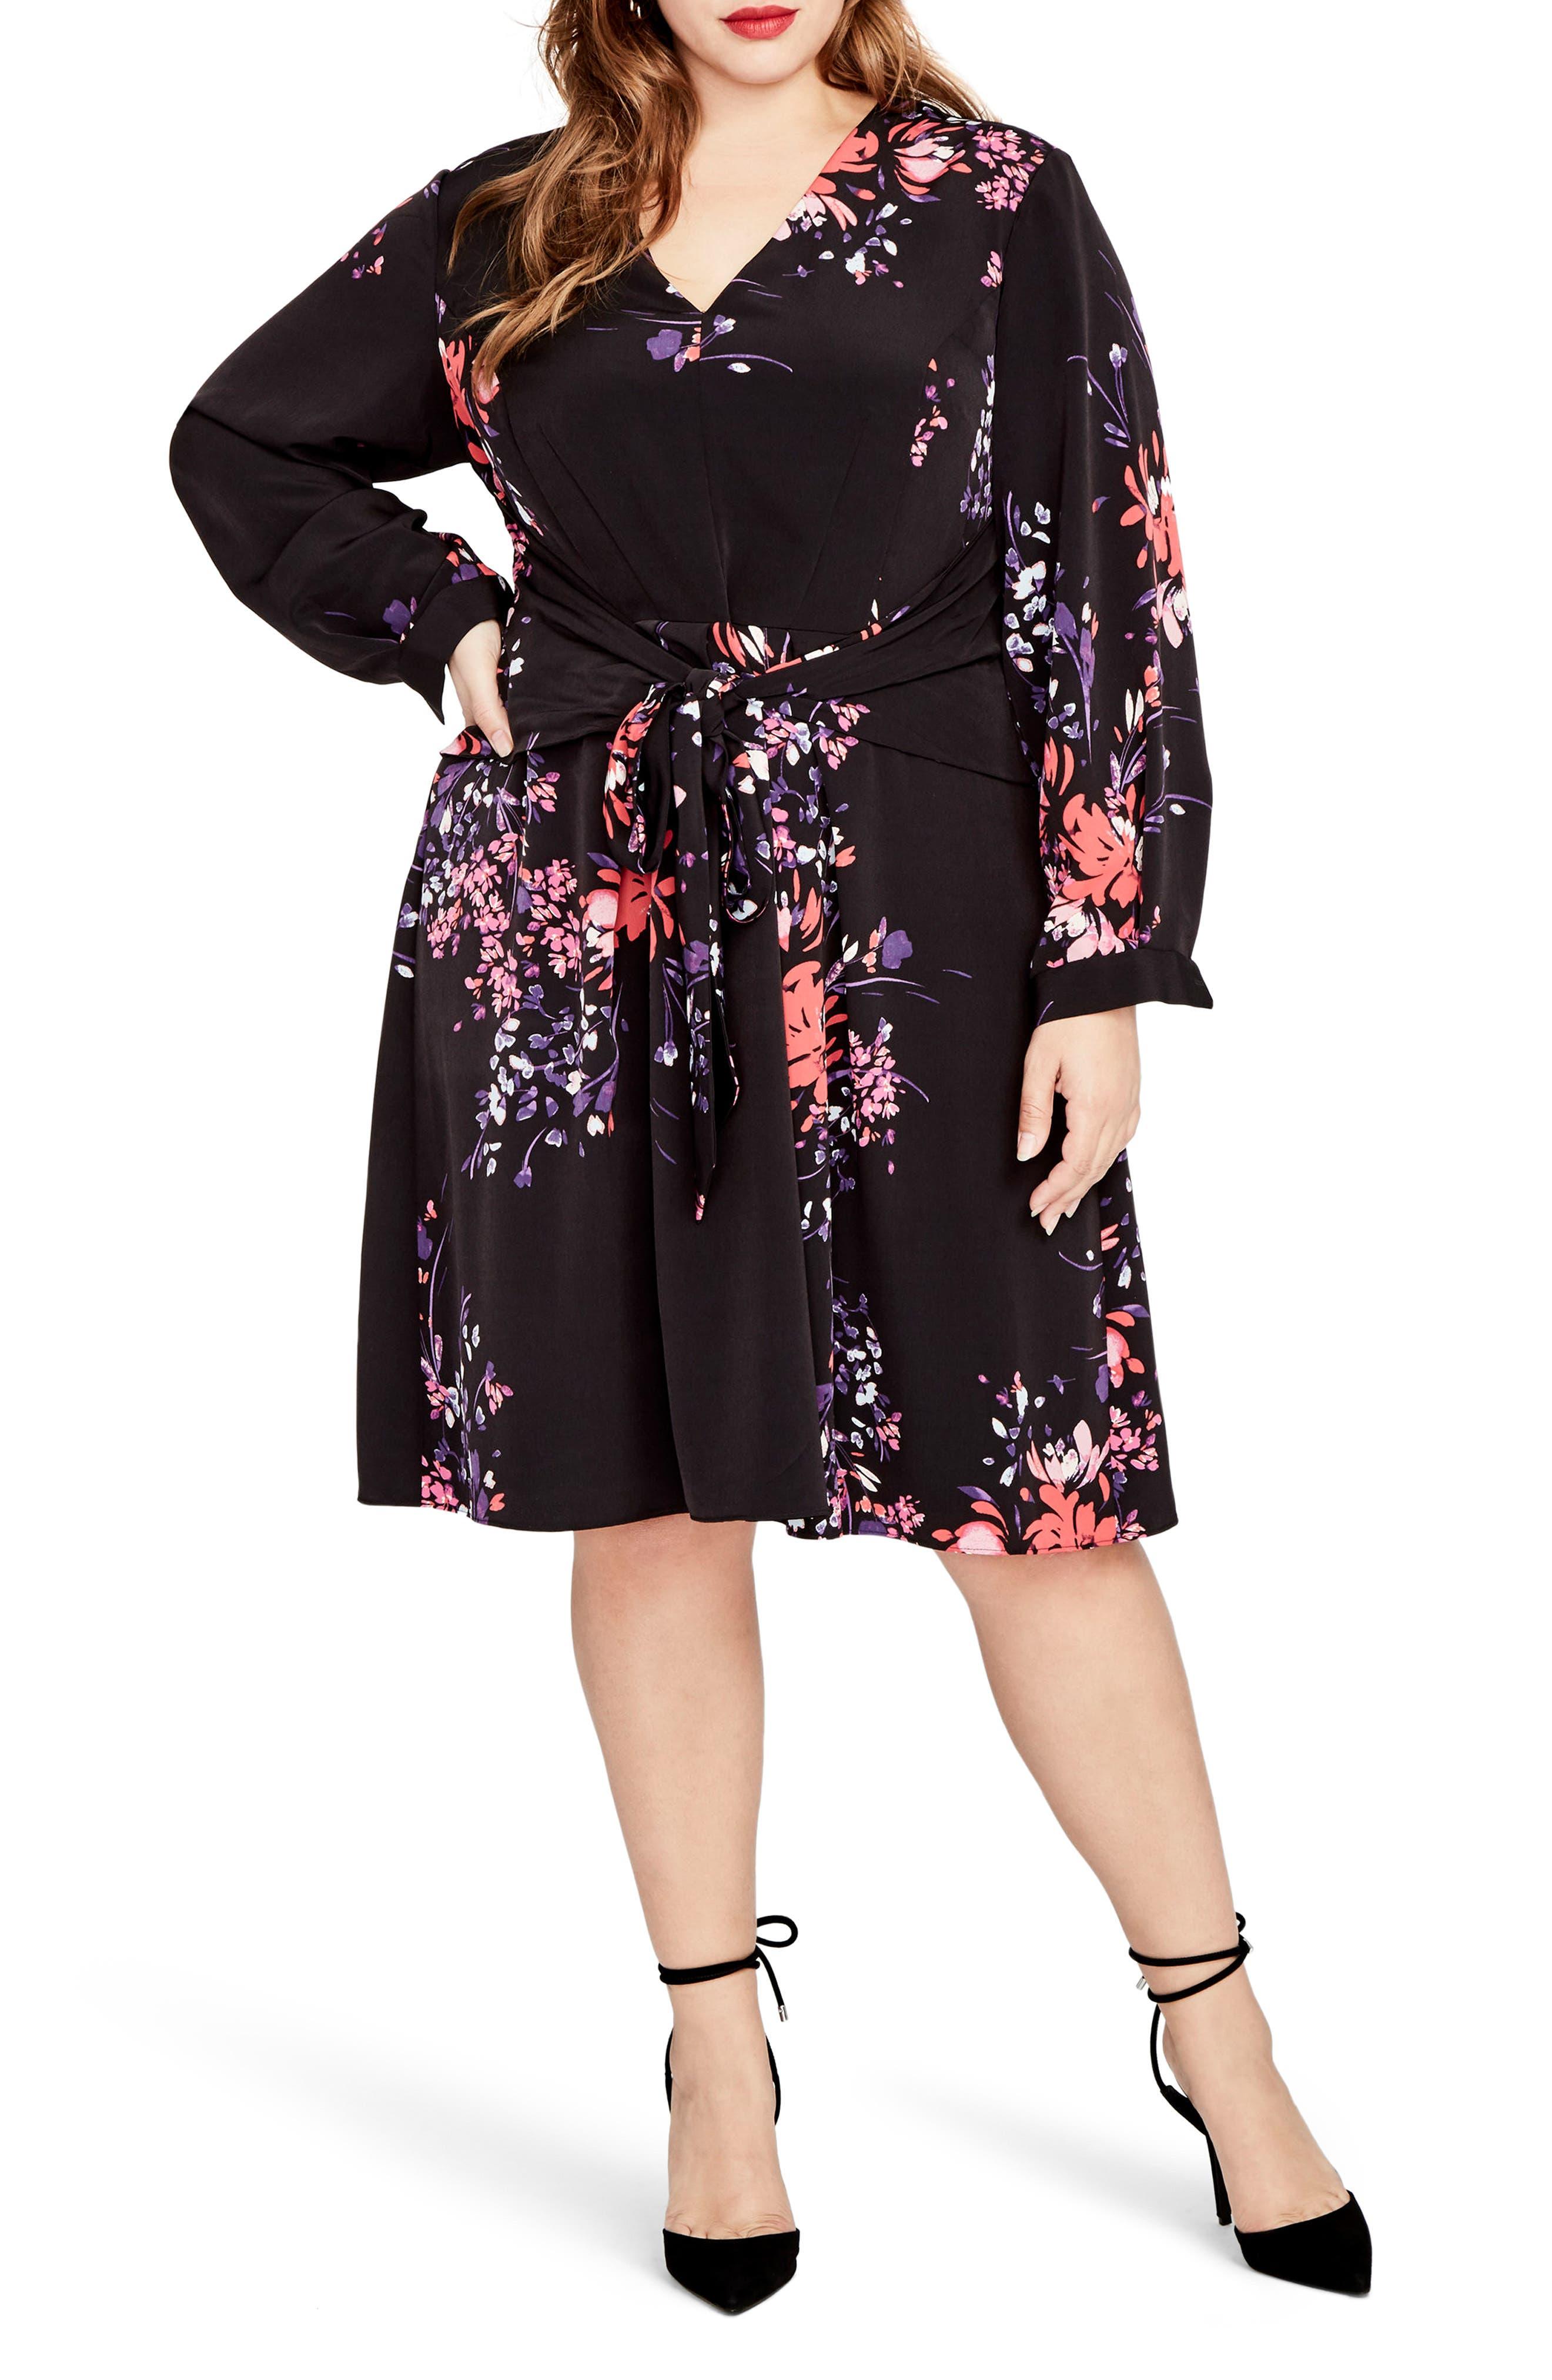 Main Image - RACHEL Rachel Roy Tie Front Floral Dress (Plus Size)